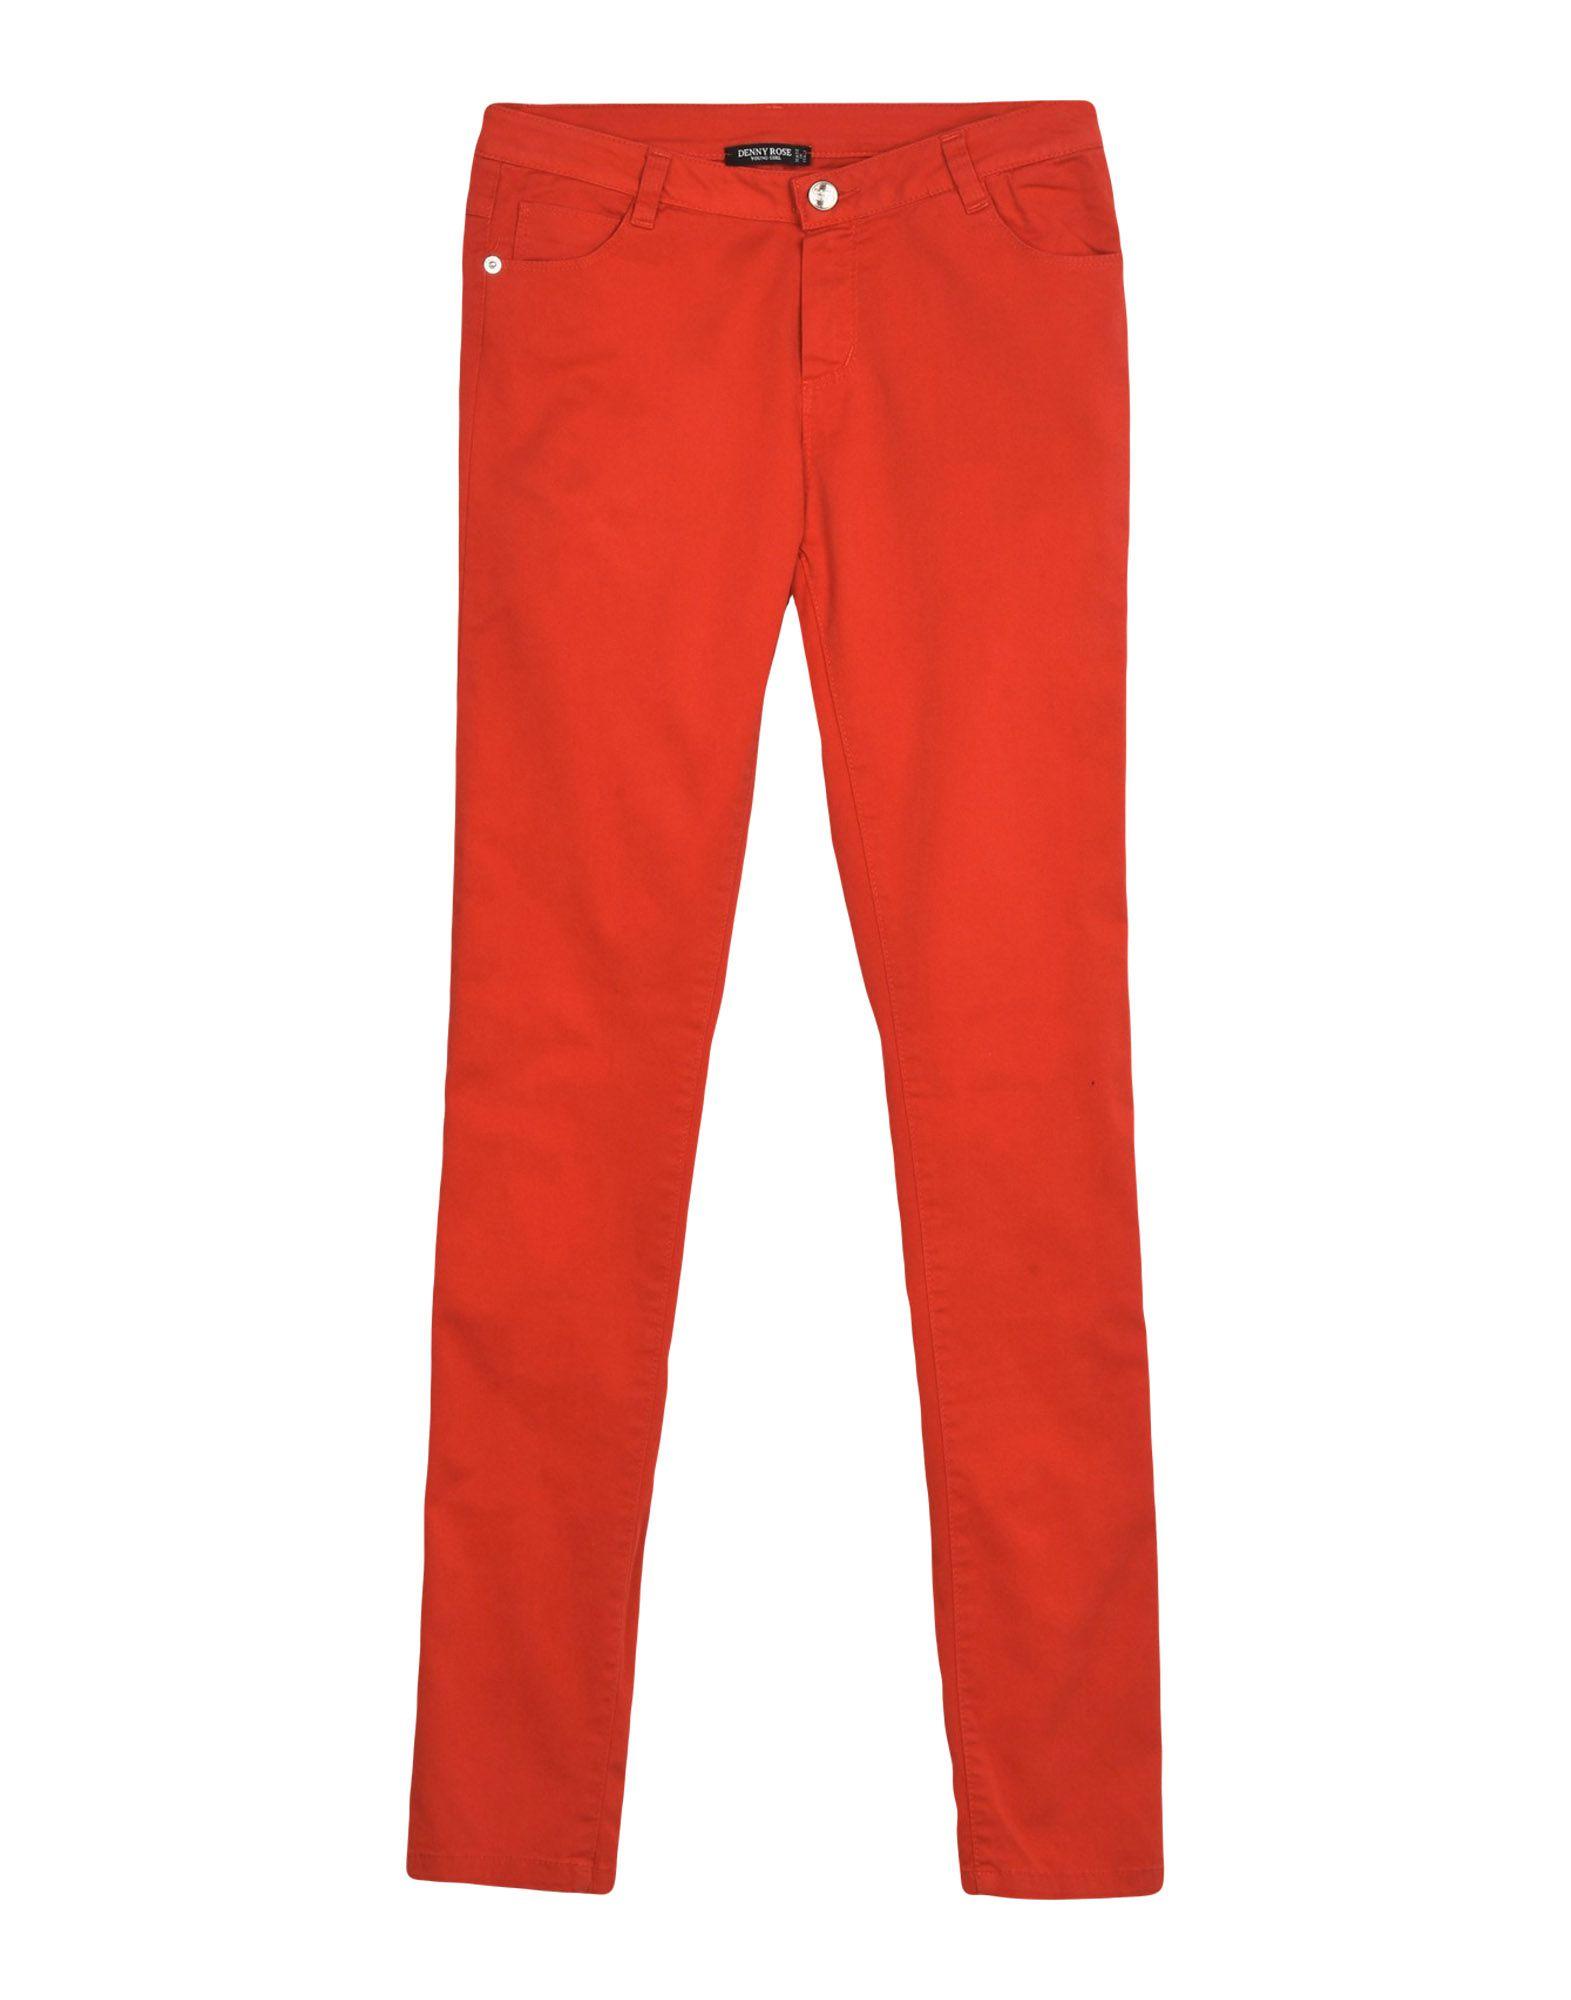 DENNY ROSE YOUNG GIRL Повседневные брюки